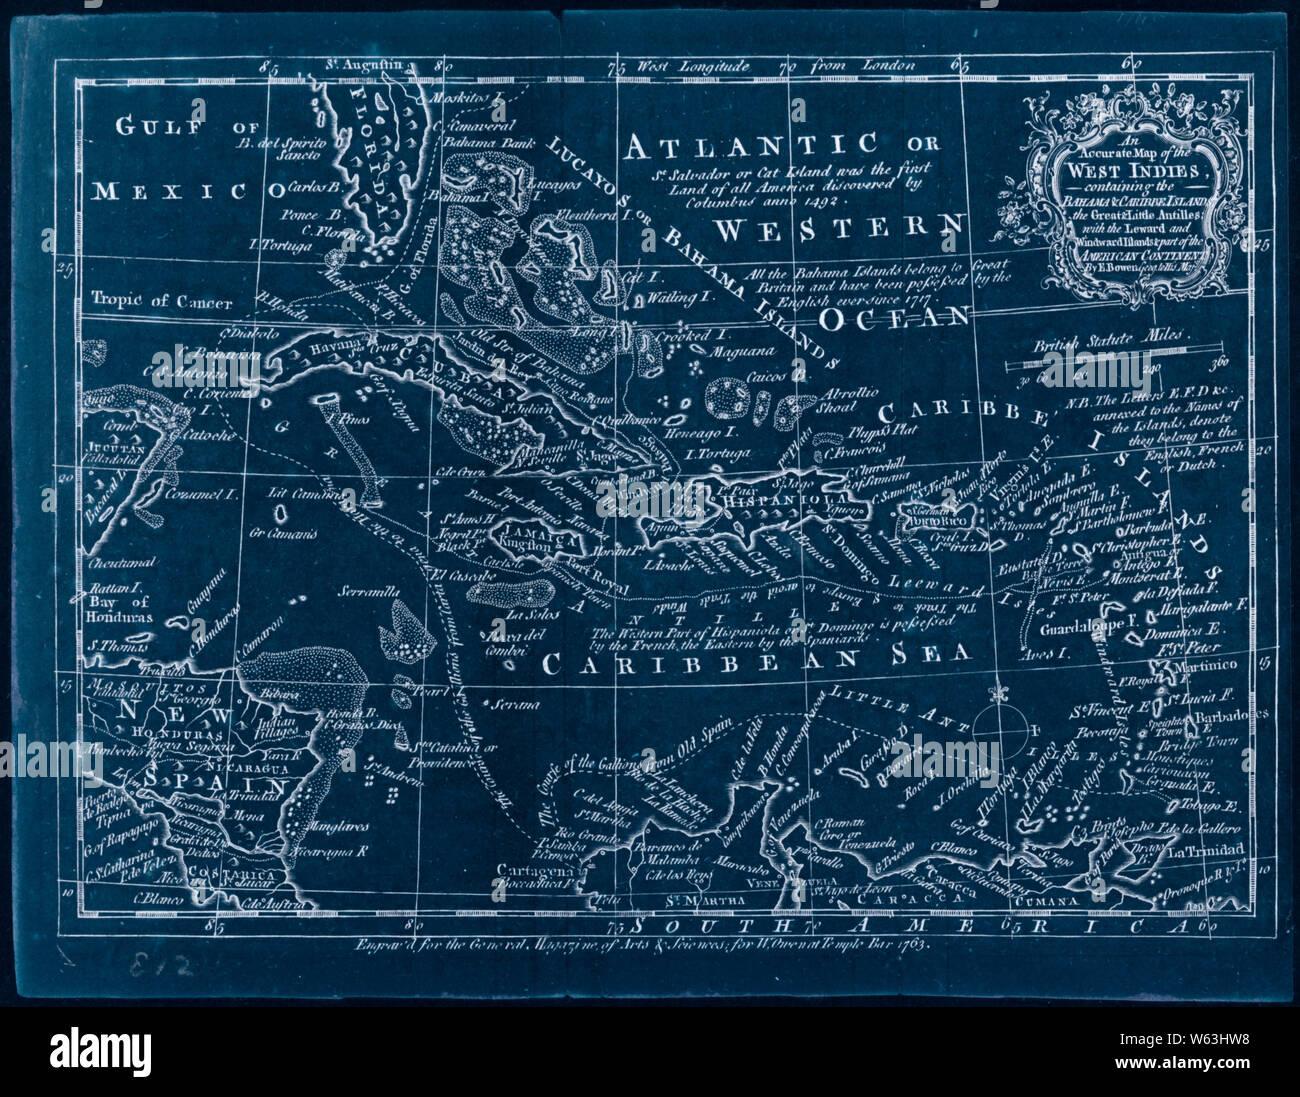 American Revolutionary War Era Maps 1750-1786 307 An